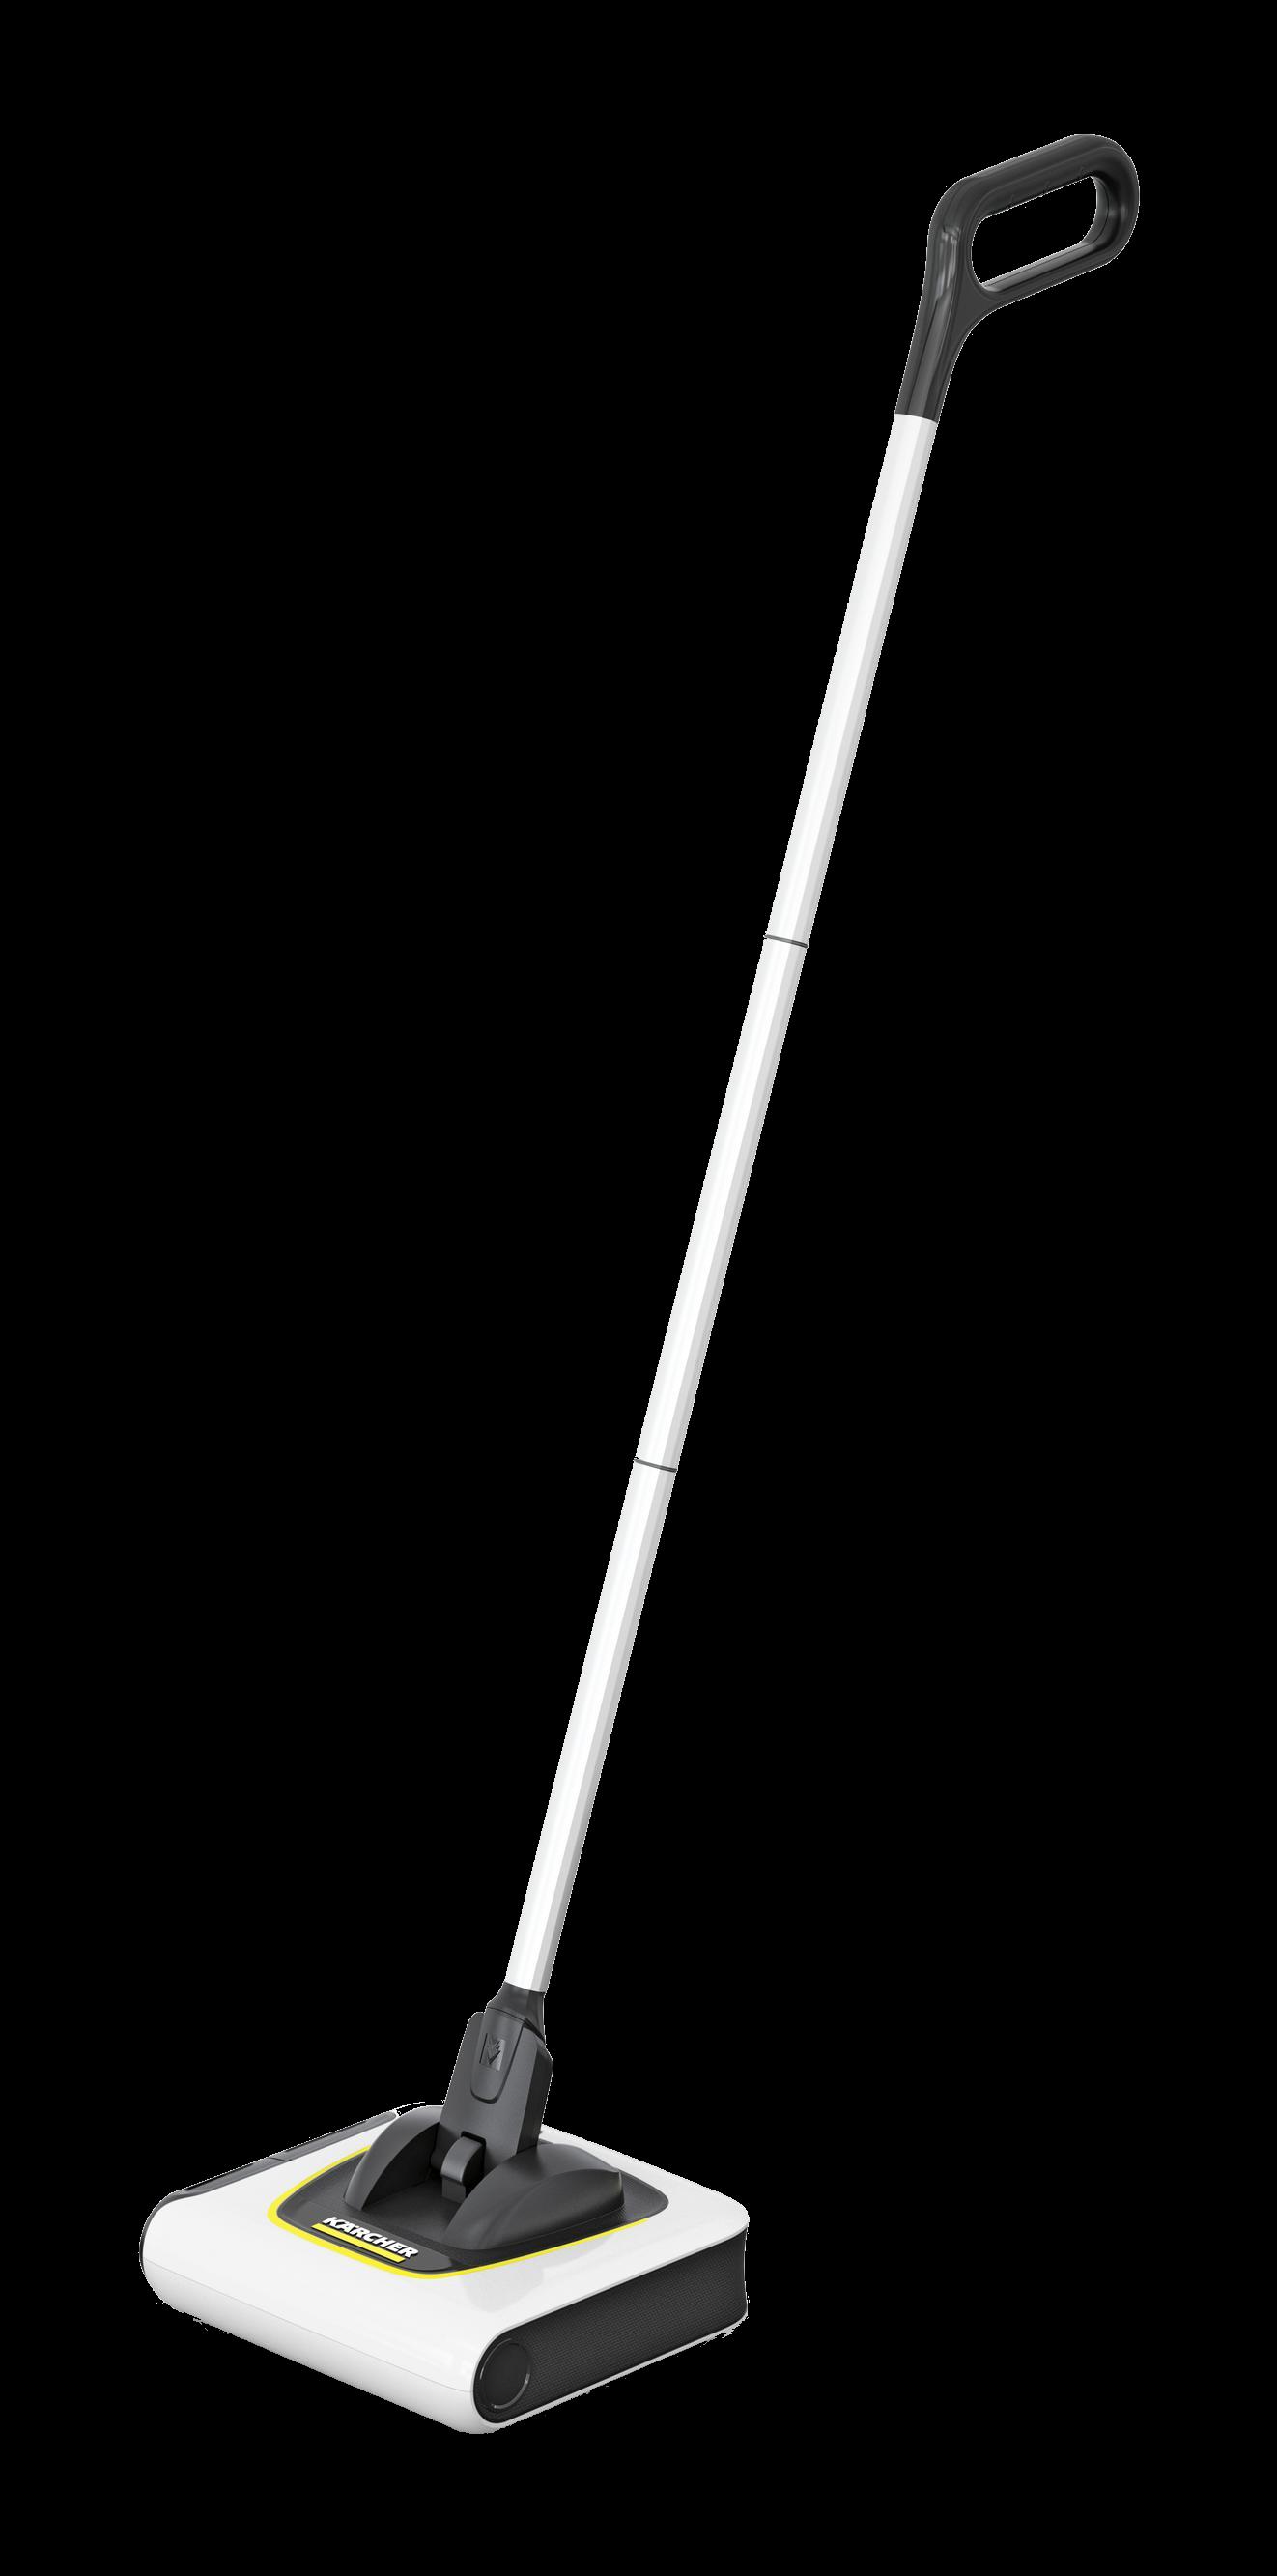 【培芝家電】德國凱馳KARCHER - 無線電動掃地機 KB5 Homeline KB 5